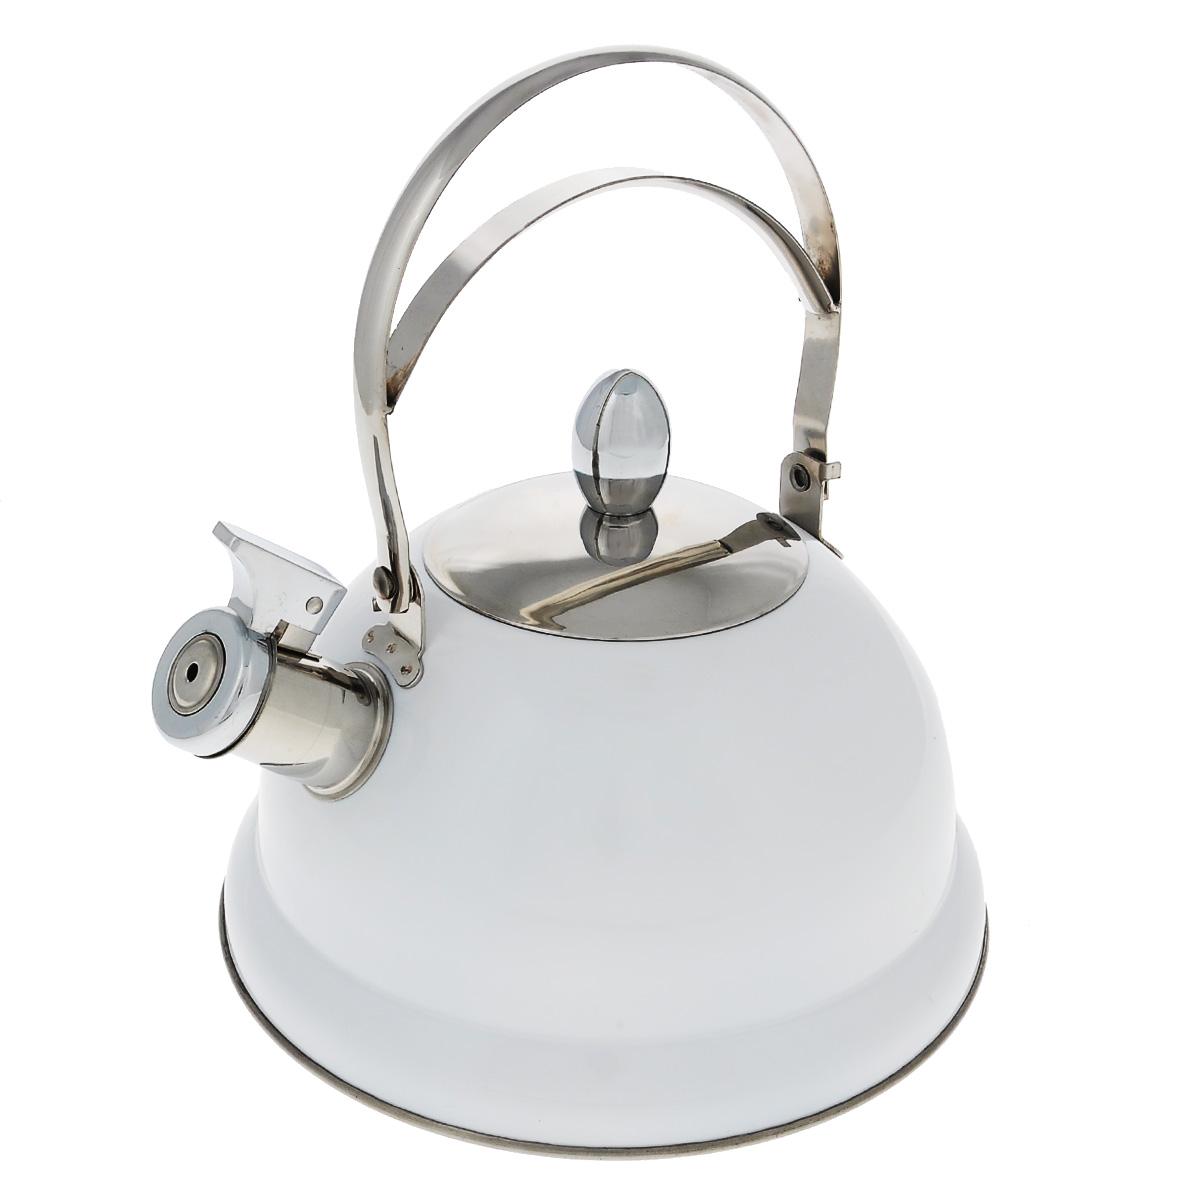 Чайник Bekker De Luxe, со свистком, цвет: белый, 2,6 л. BK-S408115510Чайник Bekker De Luxe изготовлен из высококачественной нержавеющей стали 18/10 с цветным эмалевым покрытием. Капсулированное дно распределяет тепло по всей поверхности, что позволяет чайнику быстро закипать. Ручка подвижная. Носик оснащен откидным свистком, который подскажет, когда вода закипела. Свисток открывается и закрывается с помощью специального рычага. Подходит для всех типов плит, включая индукционные. Можно мыть в посудомоечной машине.Диаметр (по верхнему краю): 10 см. Диаметр основания: 22 см. Высота чайника (без учета ручки): 13 см.